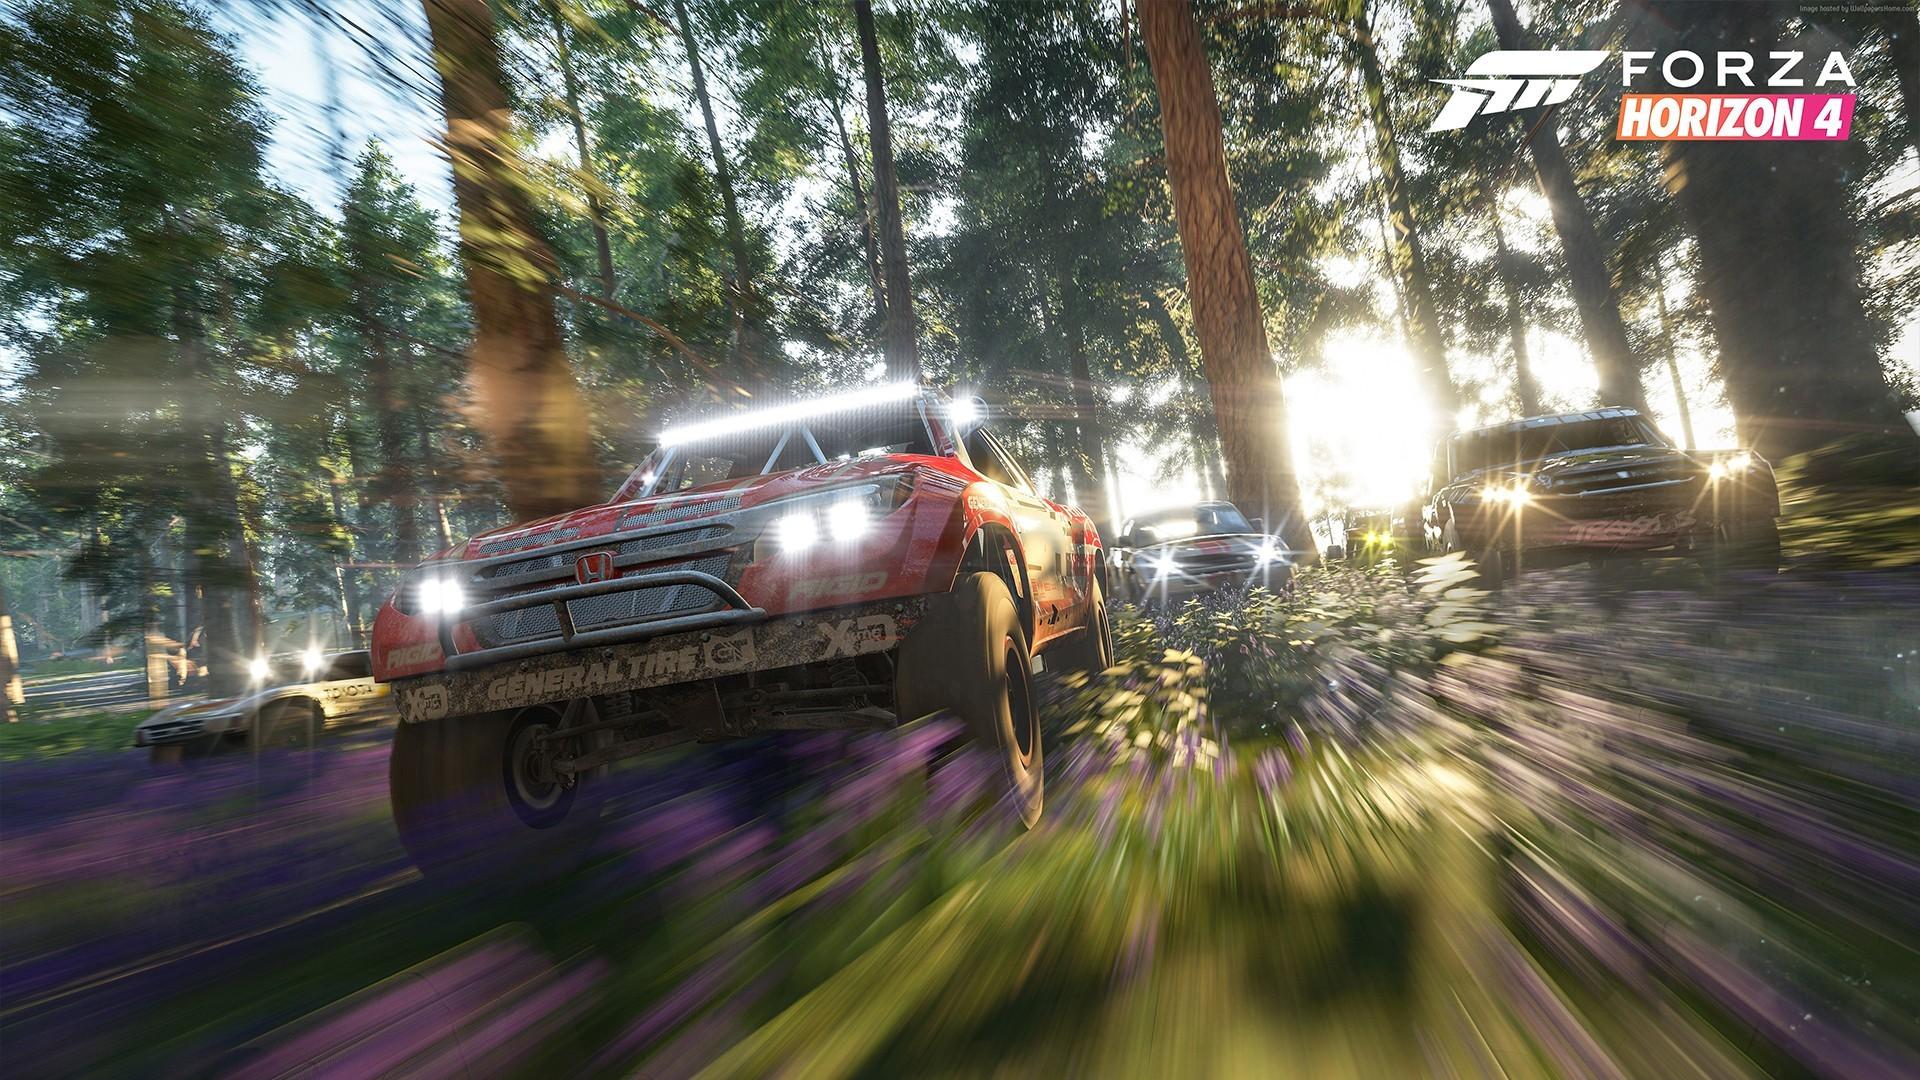 《极限竞速:地平线4 Forza Horizon 4》中文版百度云迅雷下载v1.458.956.2.Incl.All.DLCs